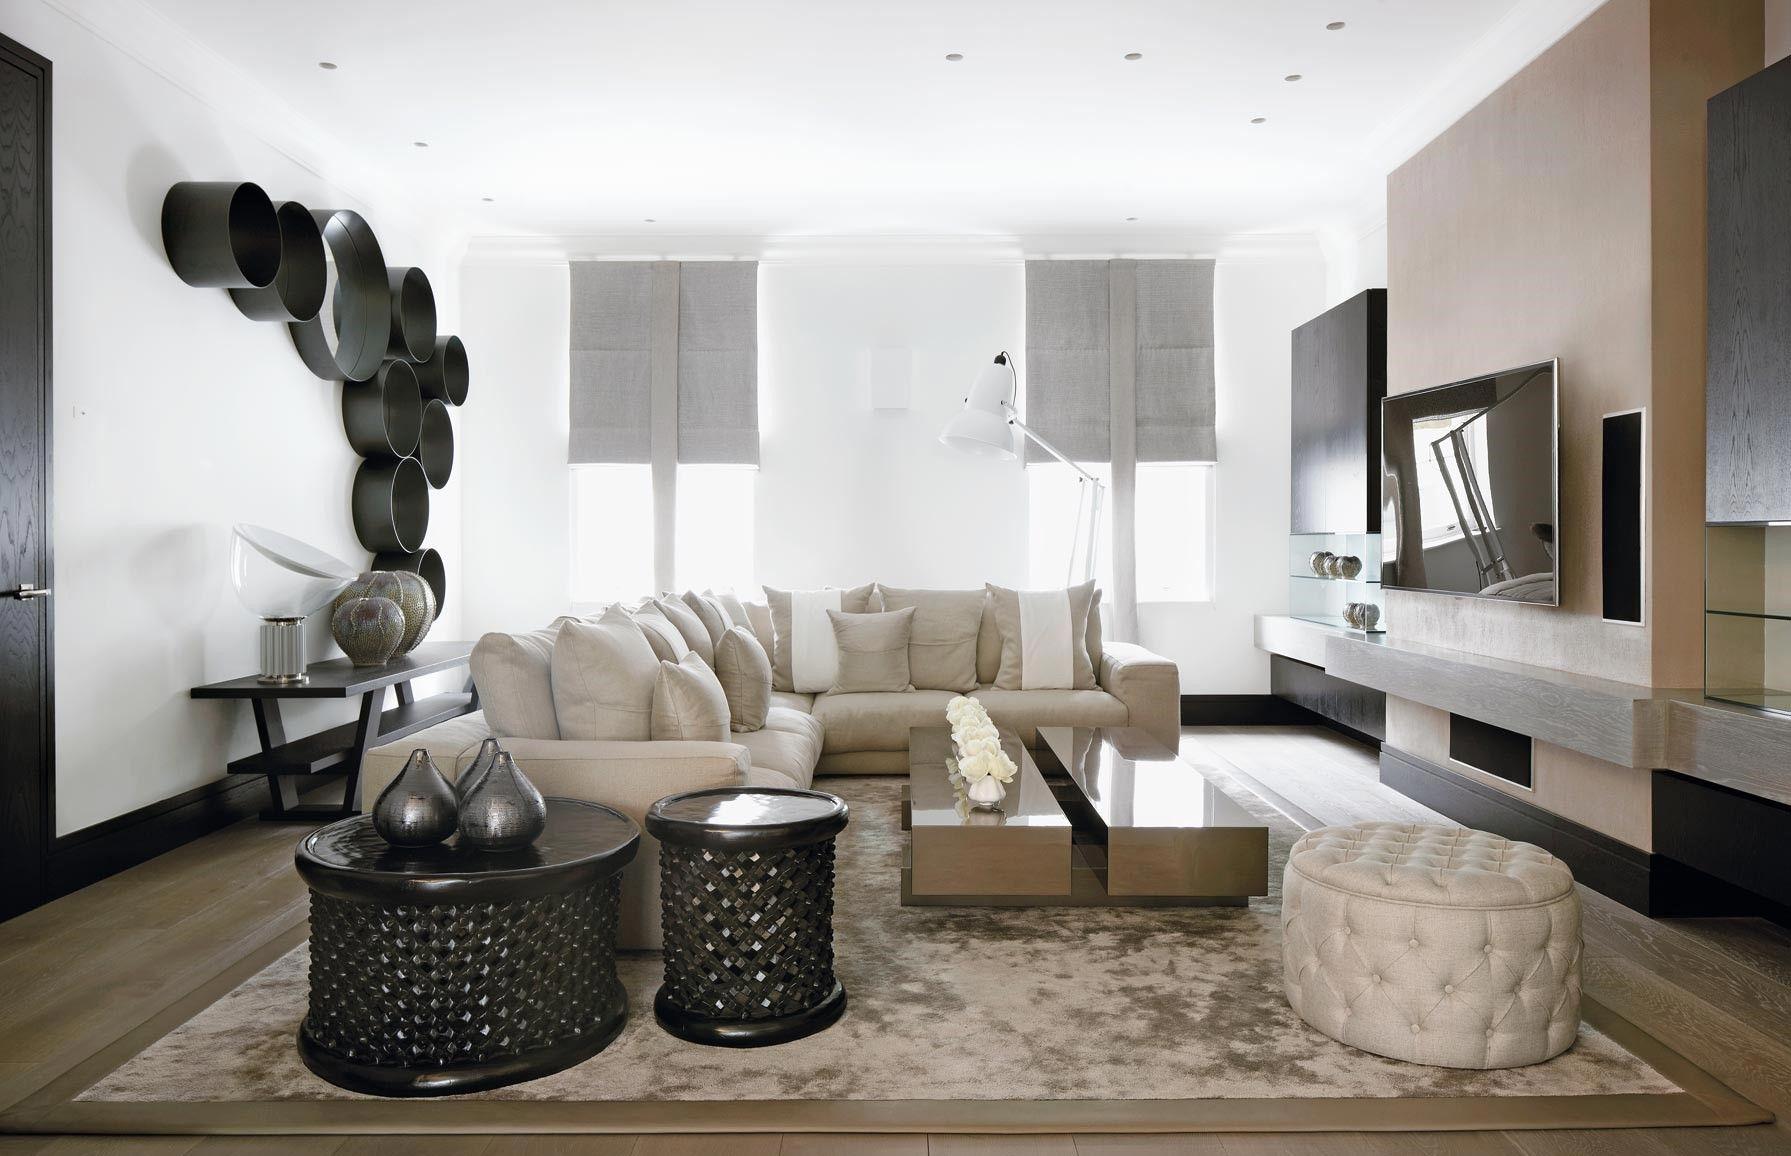 Come Abbinare Sedie Diverse come abbinare e disporre i divani in salotto: esempi pratici